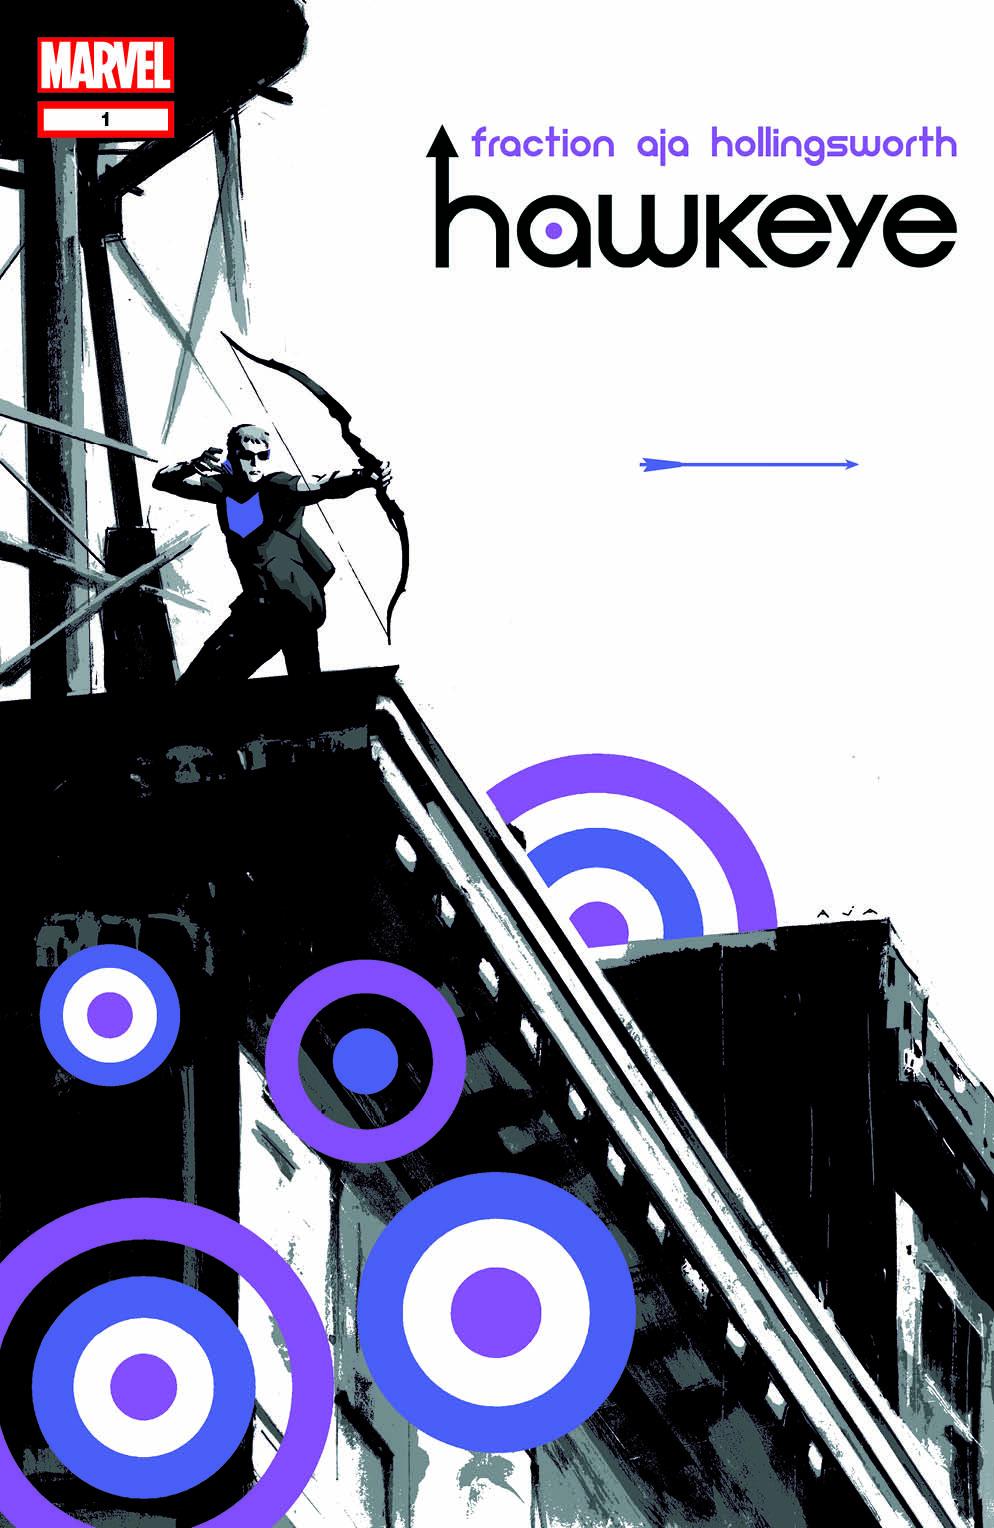 Hawkeye #1 Cover (Aja)